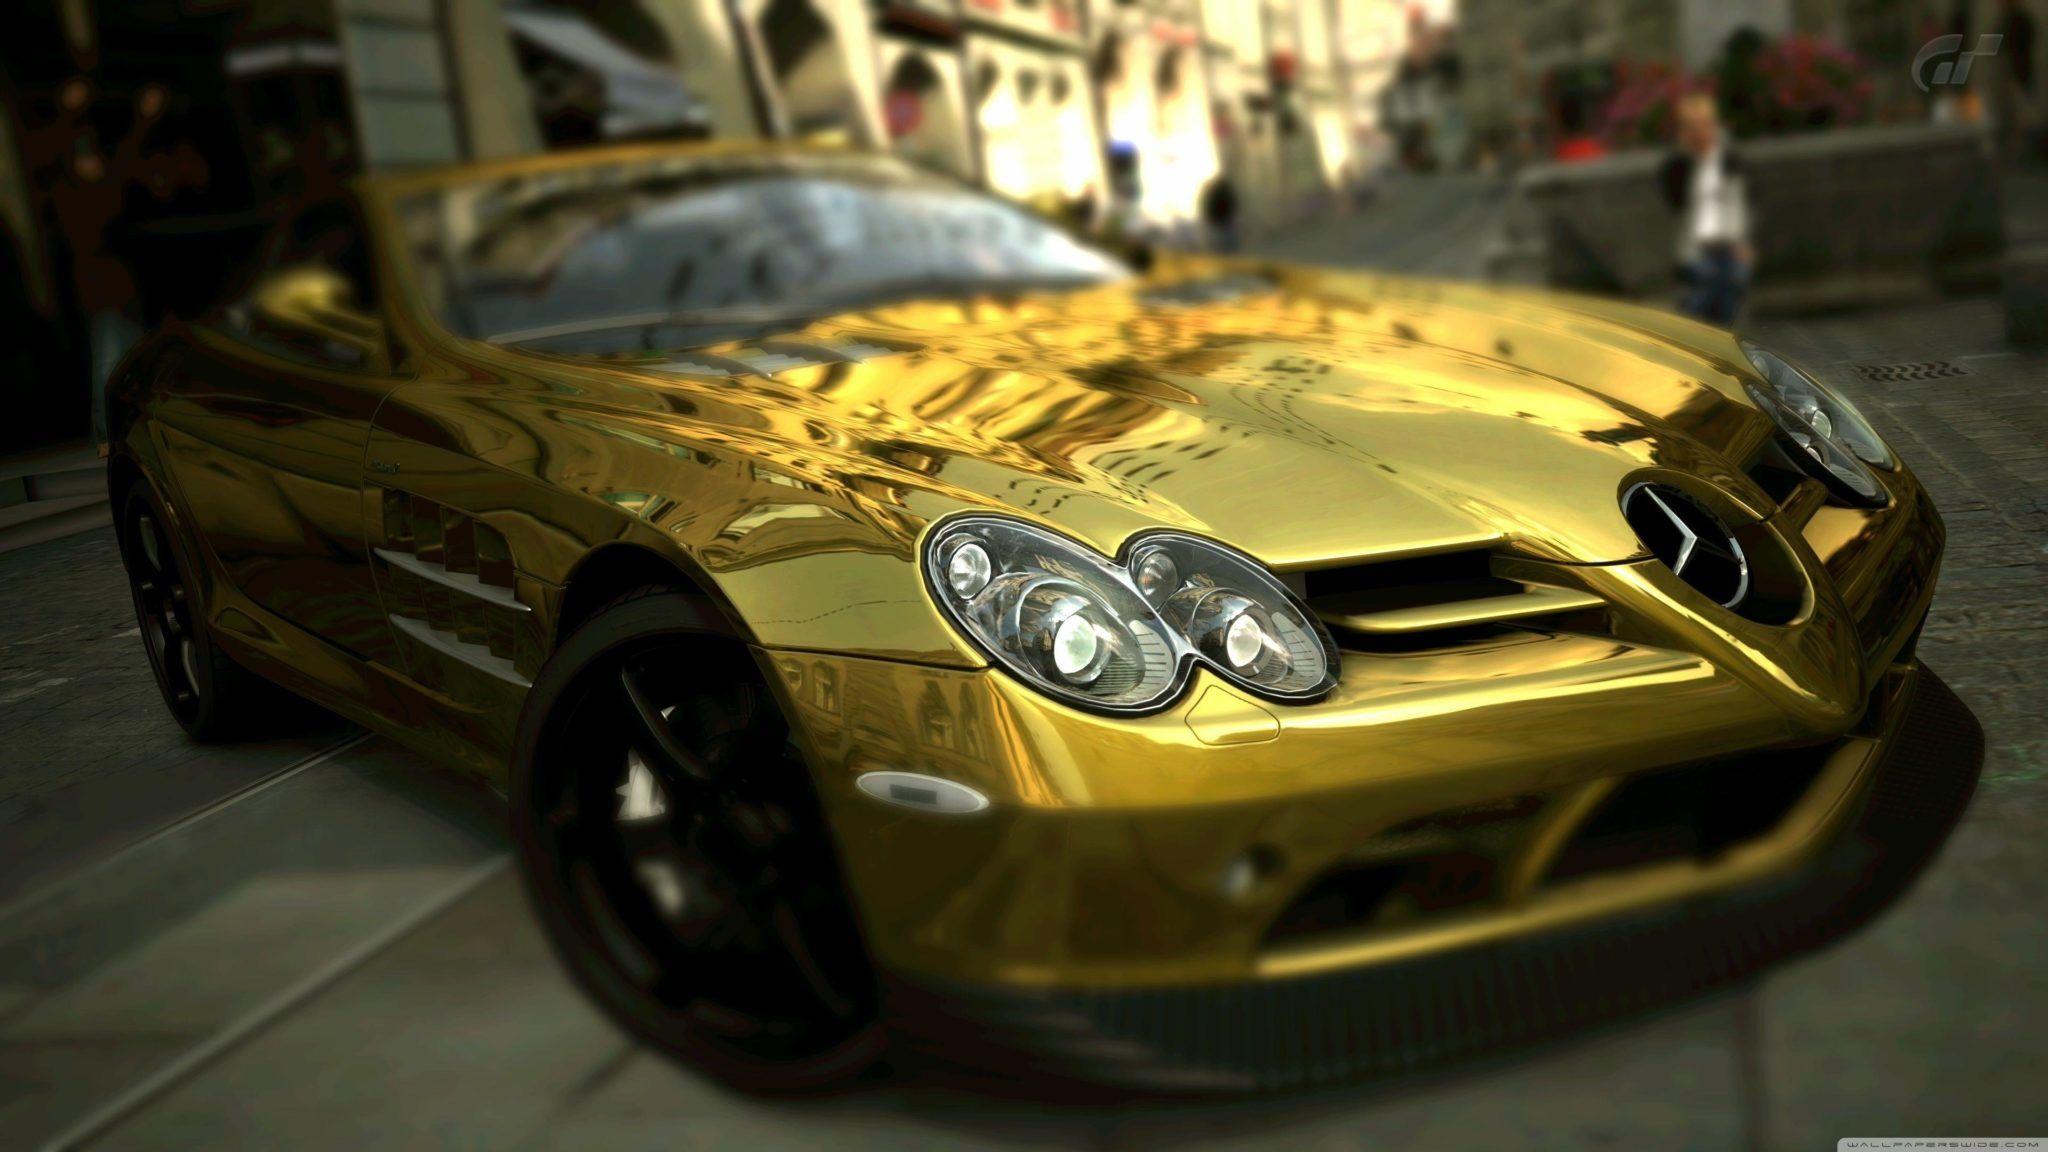 1600x1000 mercedes benz desktop hd wallpapers desktop widescreen car. Laptop Mercedes Benz Laptop Car Wallpaper 4k